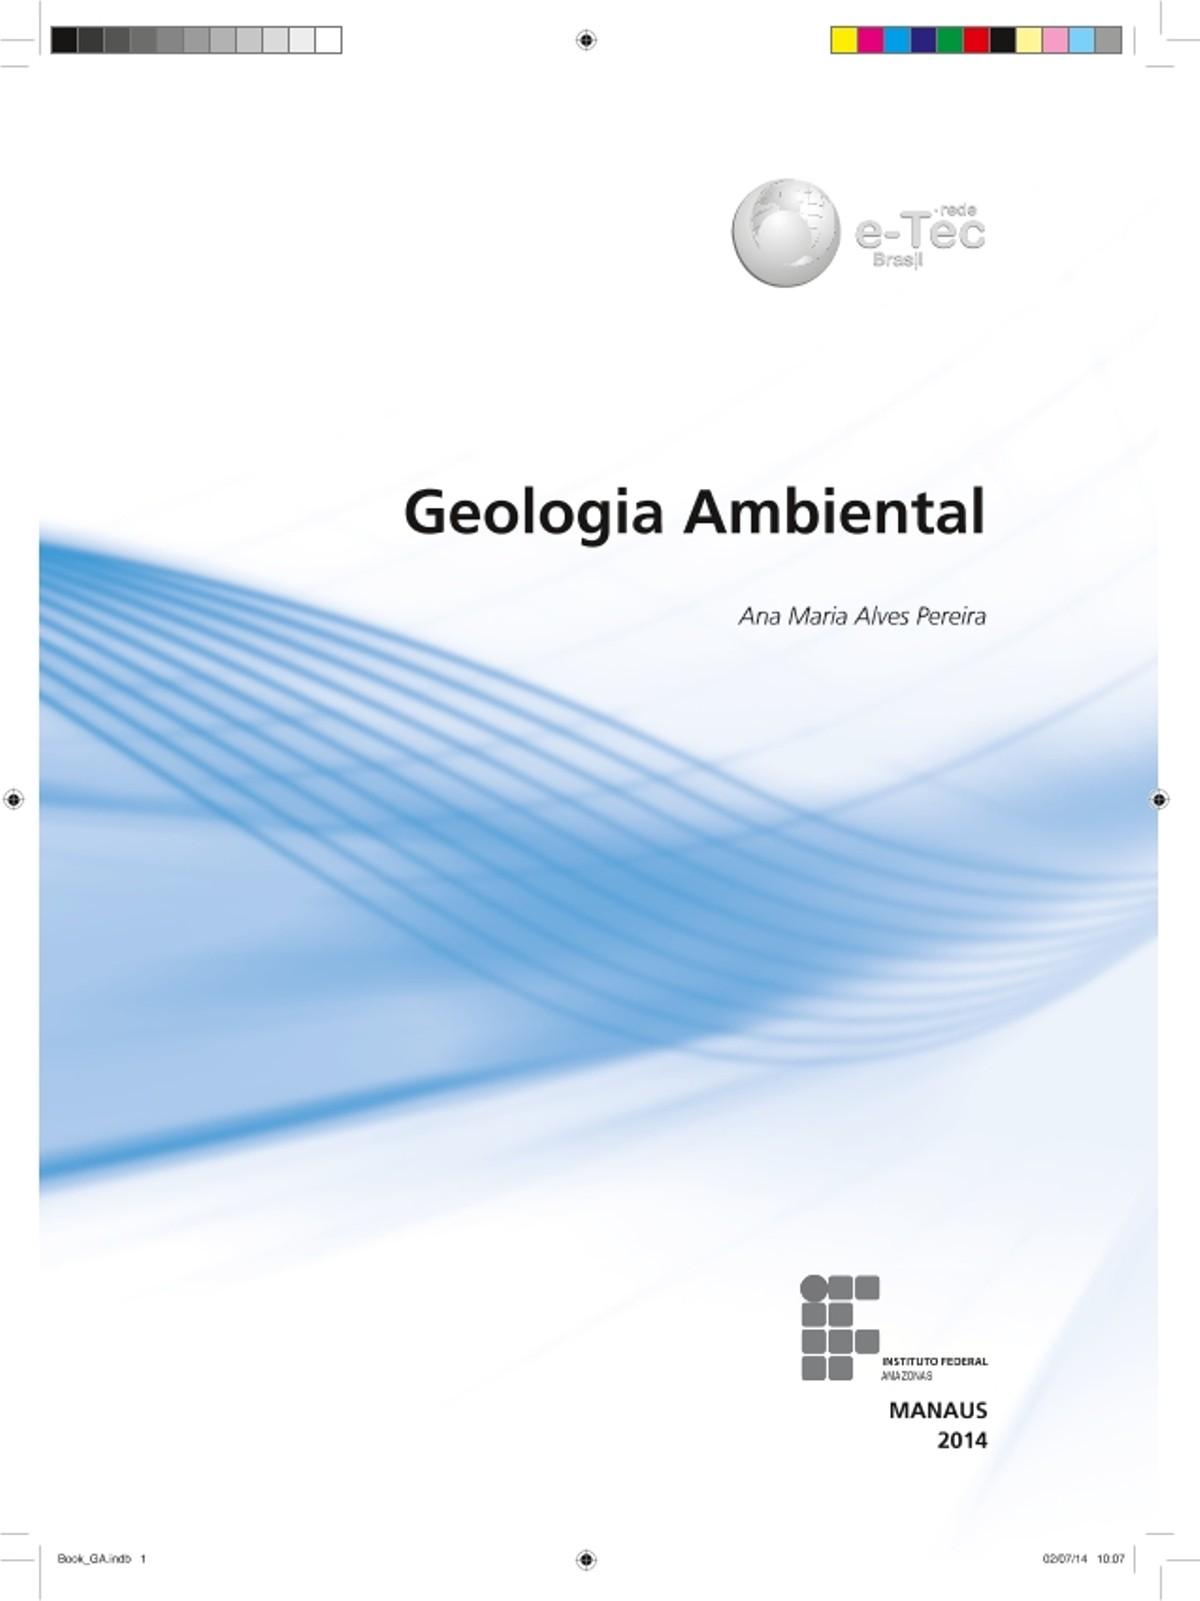 Pre-visualização do material GEOLOGIA AMBIENTAL - página 1